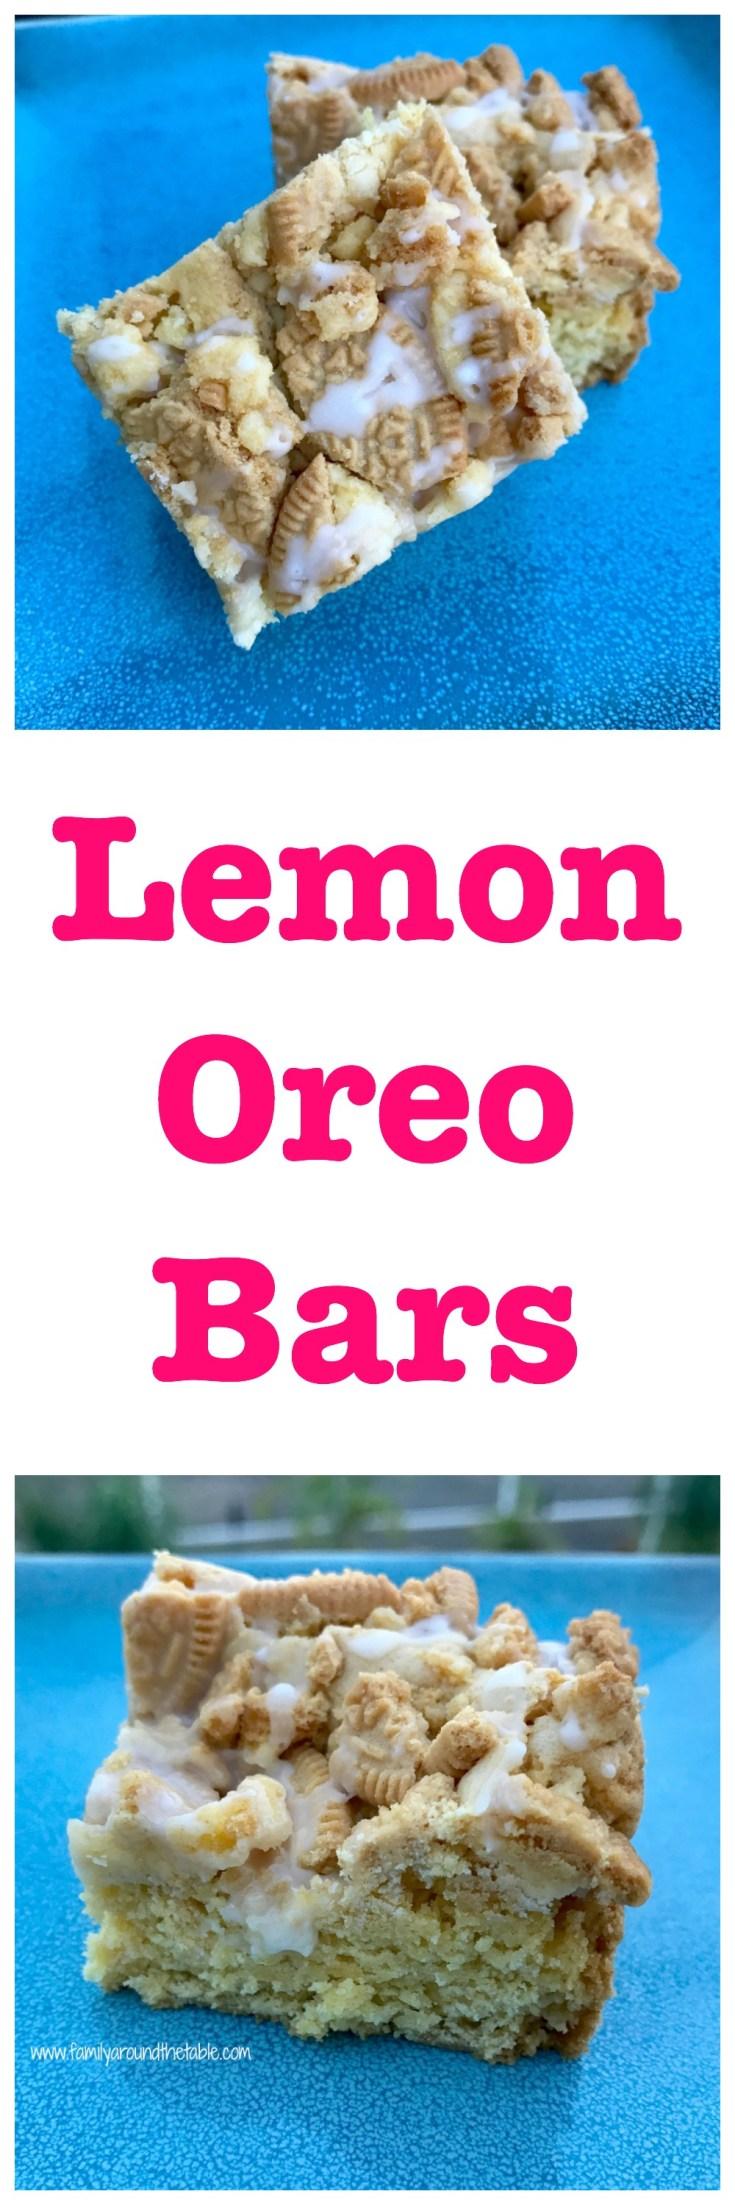 Lemon Oreo bars are bursting with lemon flavor.